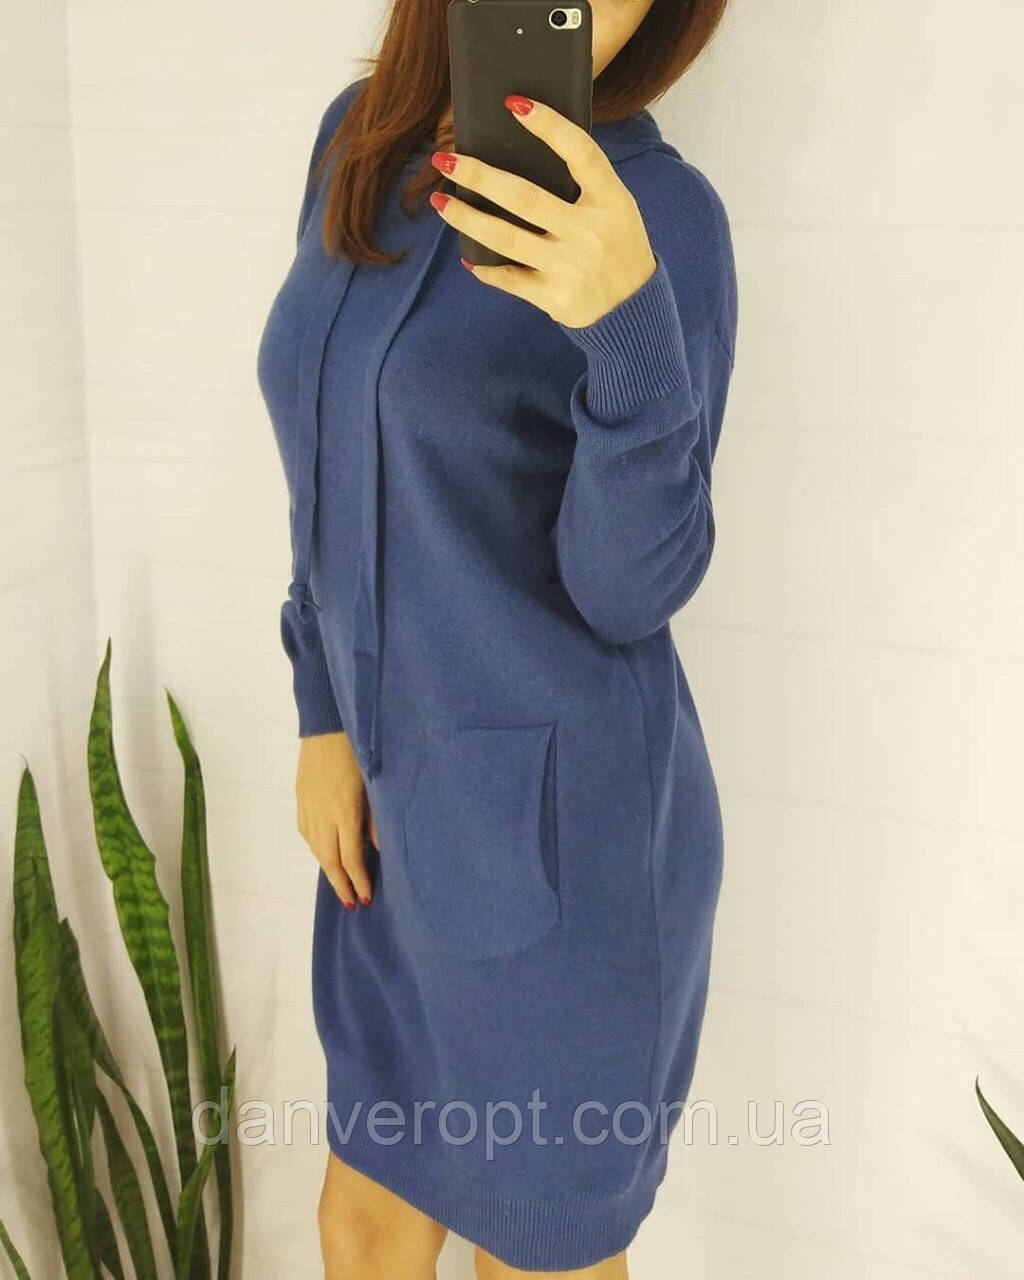 Платье женское молодежное размер универсальный 46-52 купить оптом со склада 7км Одесса